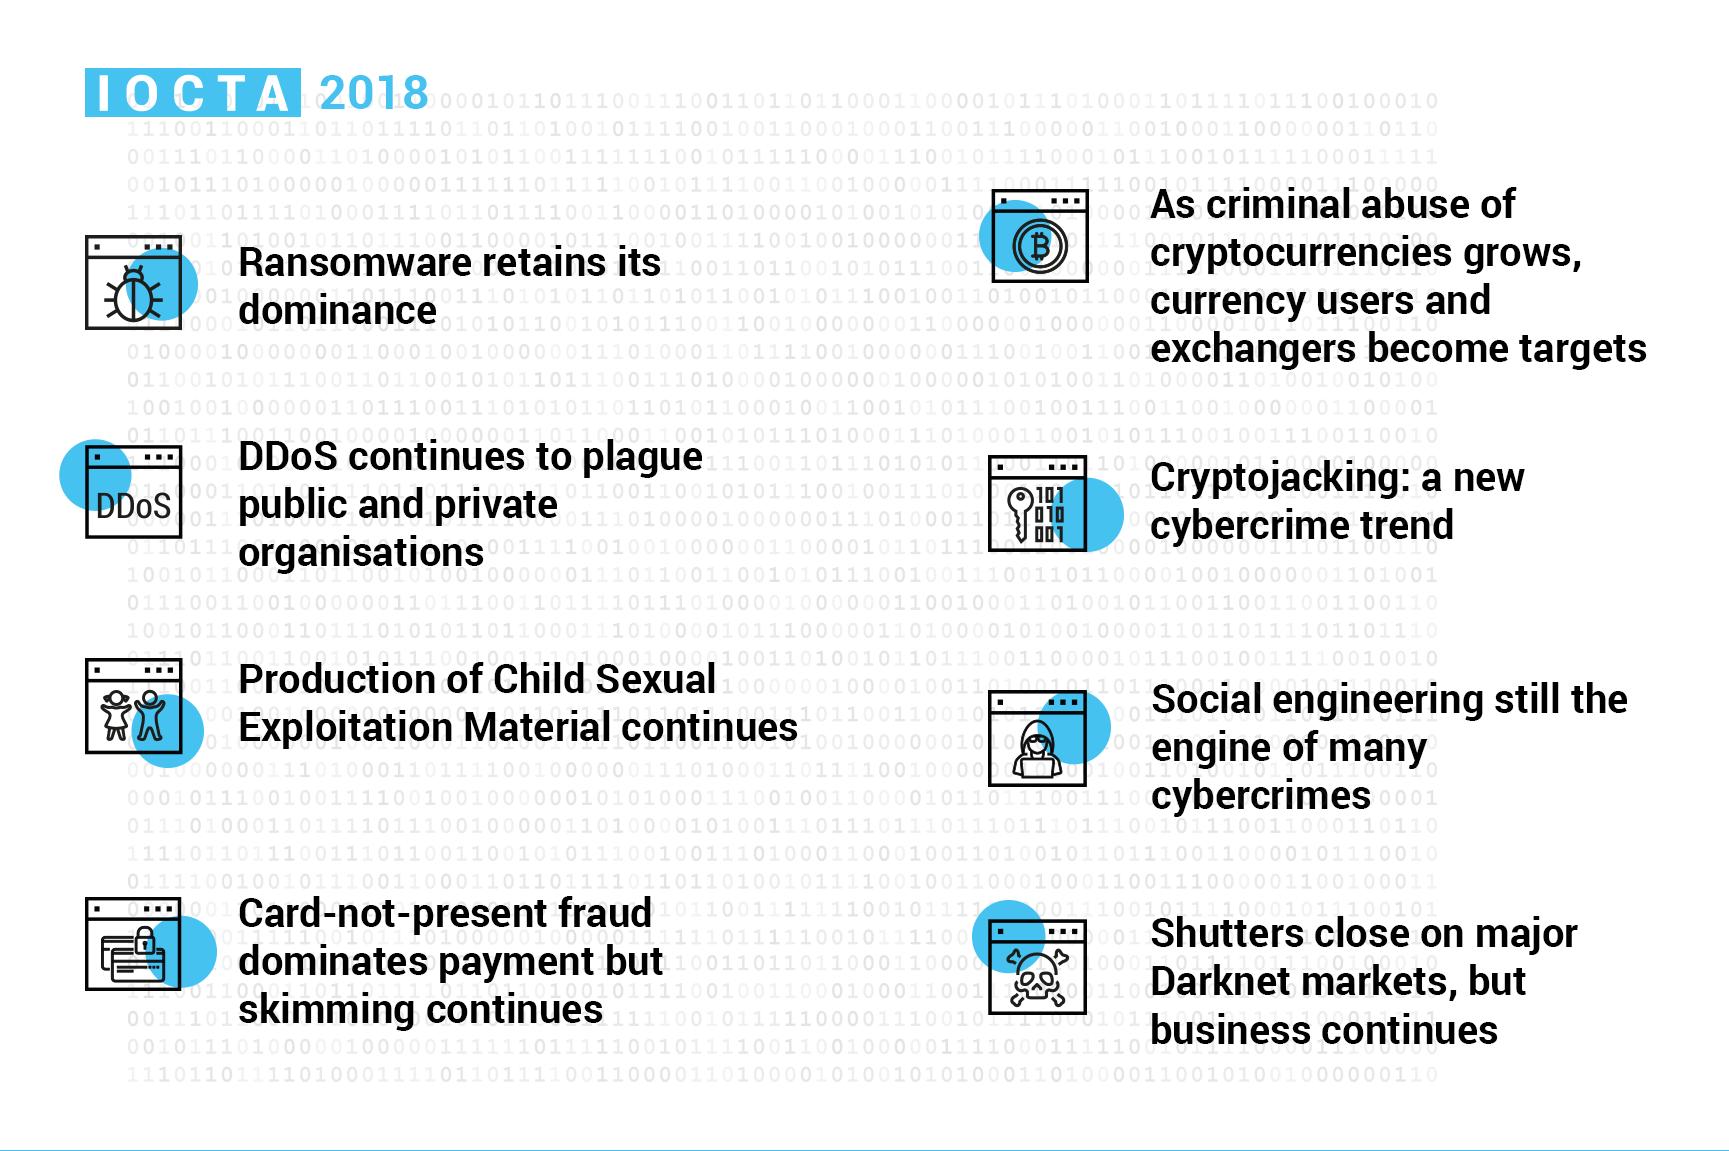 Internet Organised Crime Threat Assessment 2018 | Europol